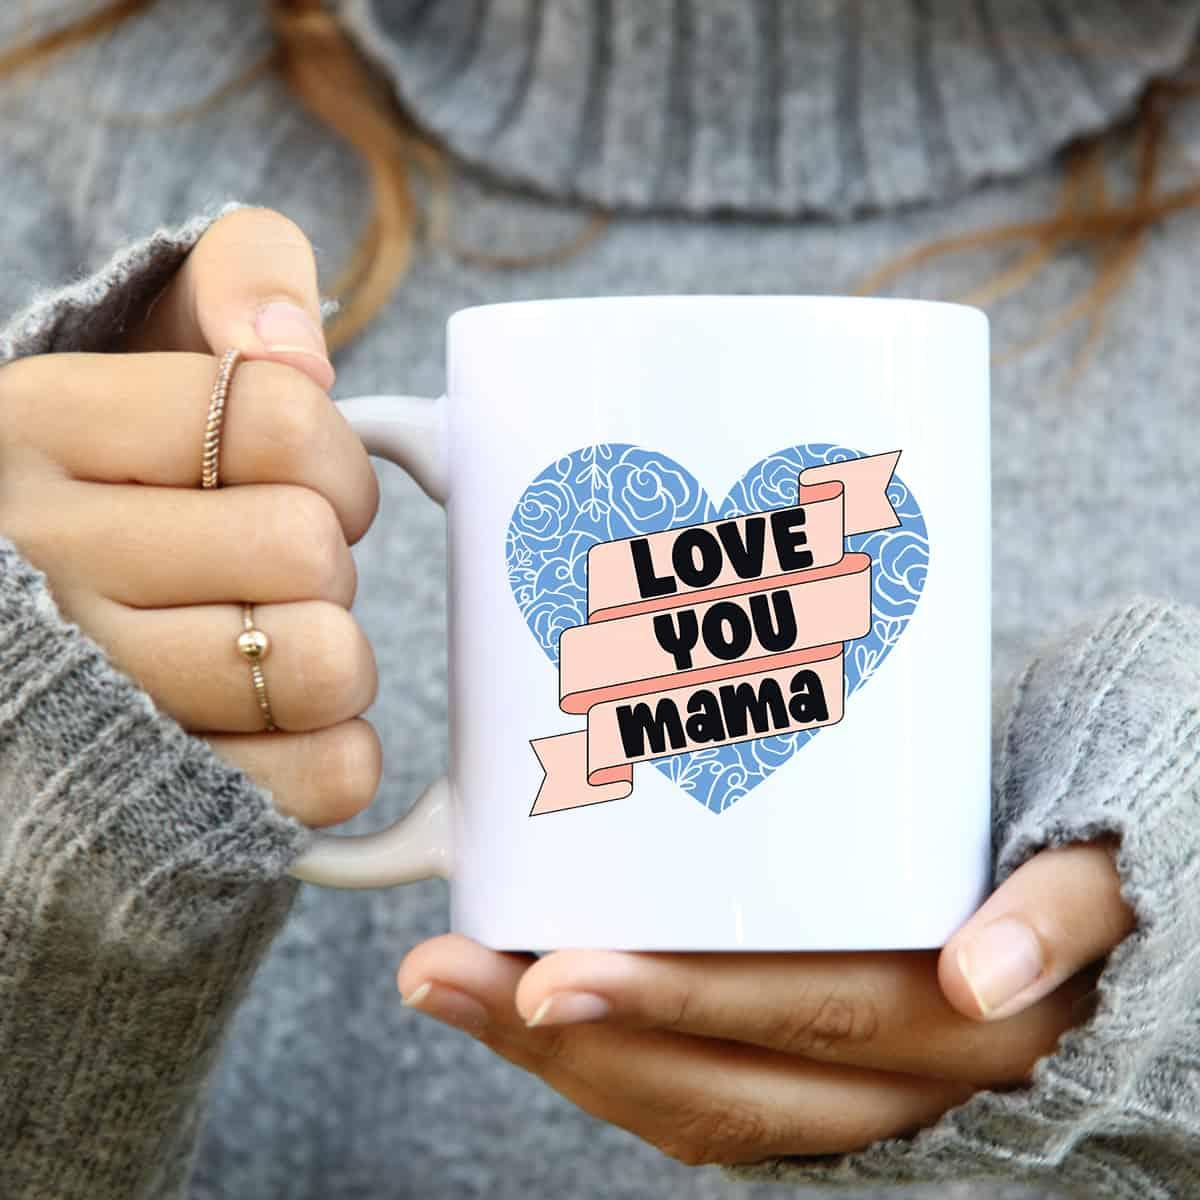 Love You Mama SVG Cut File